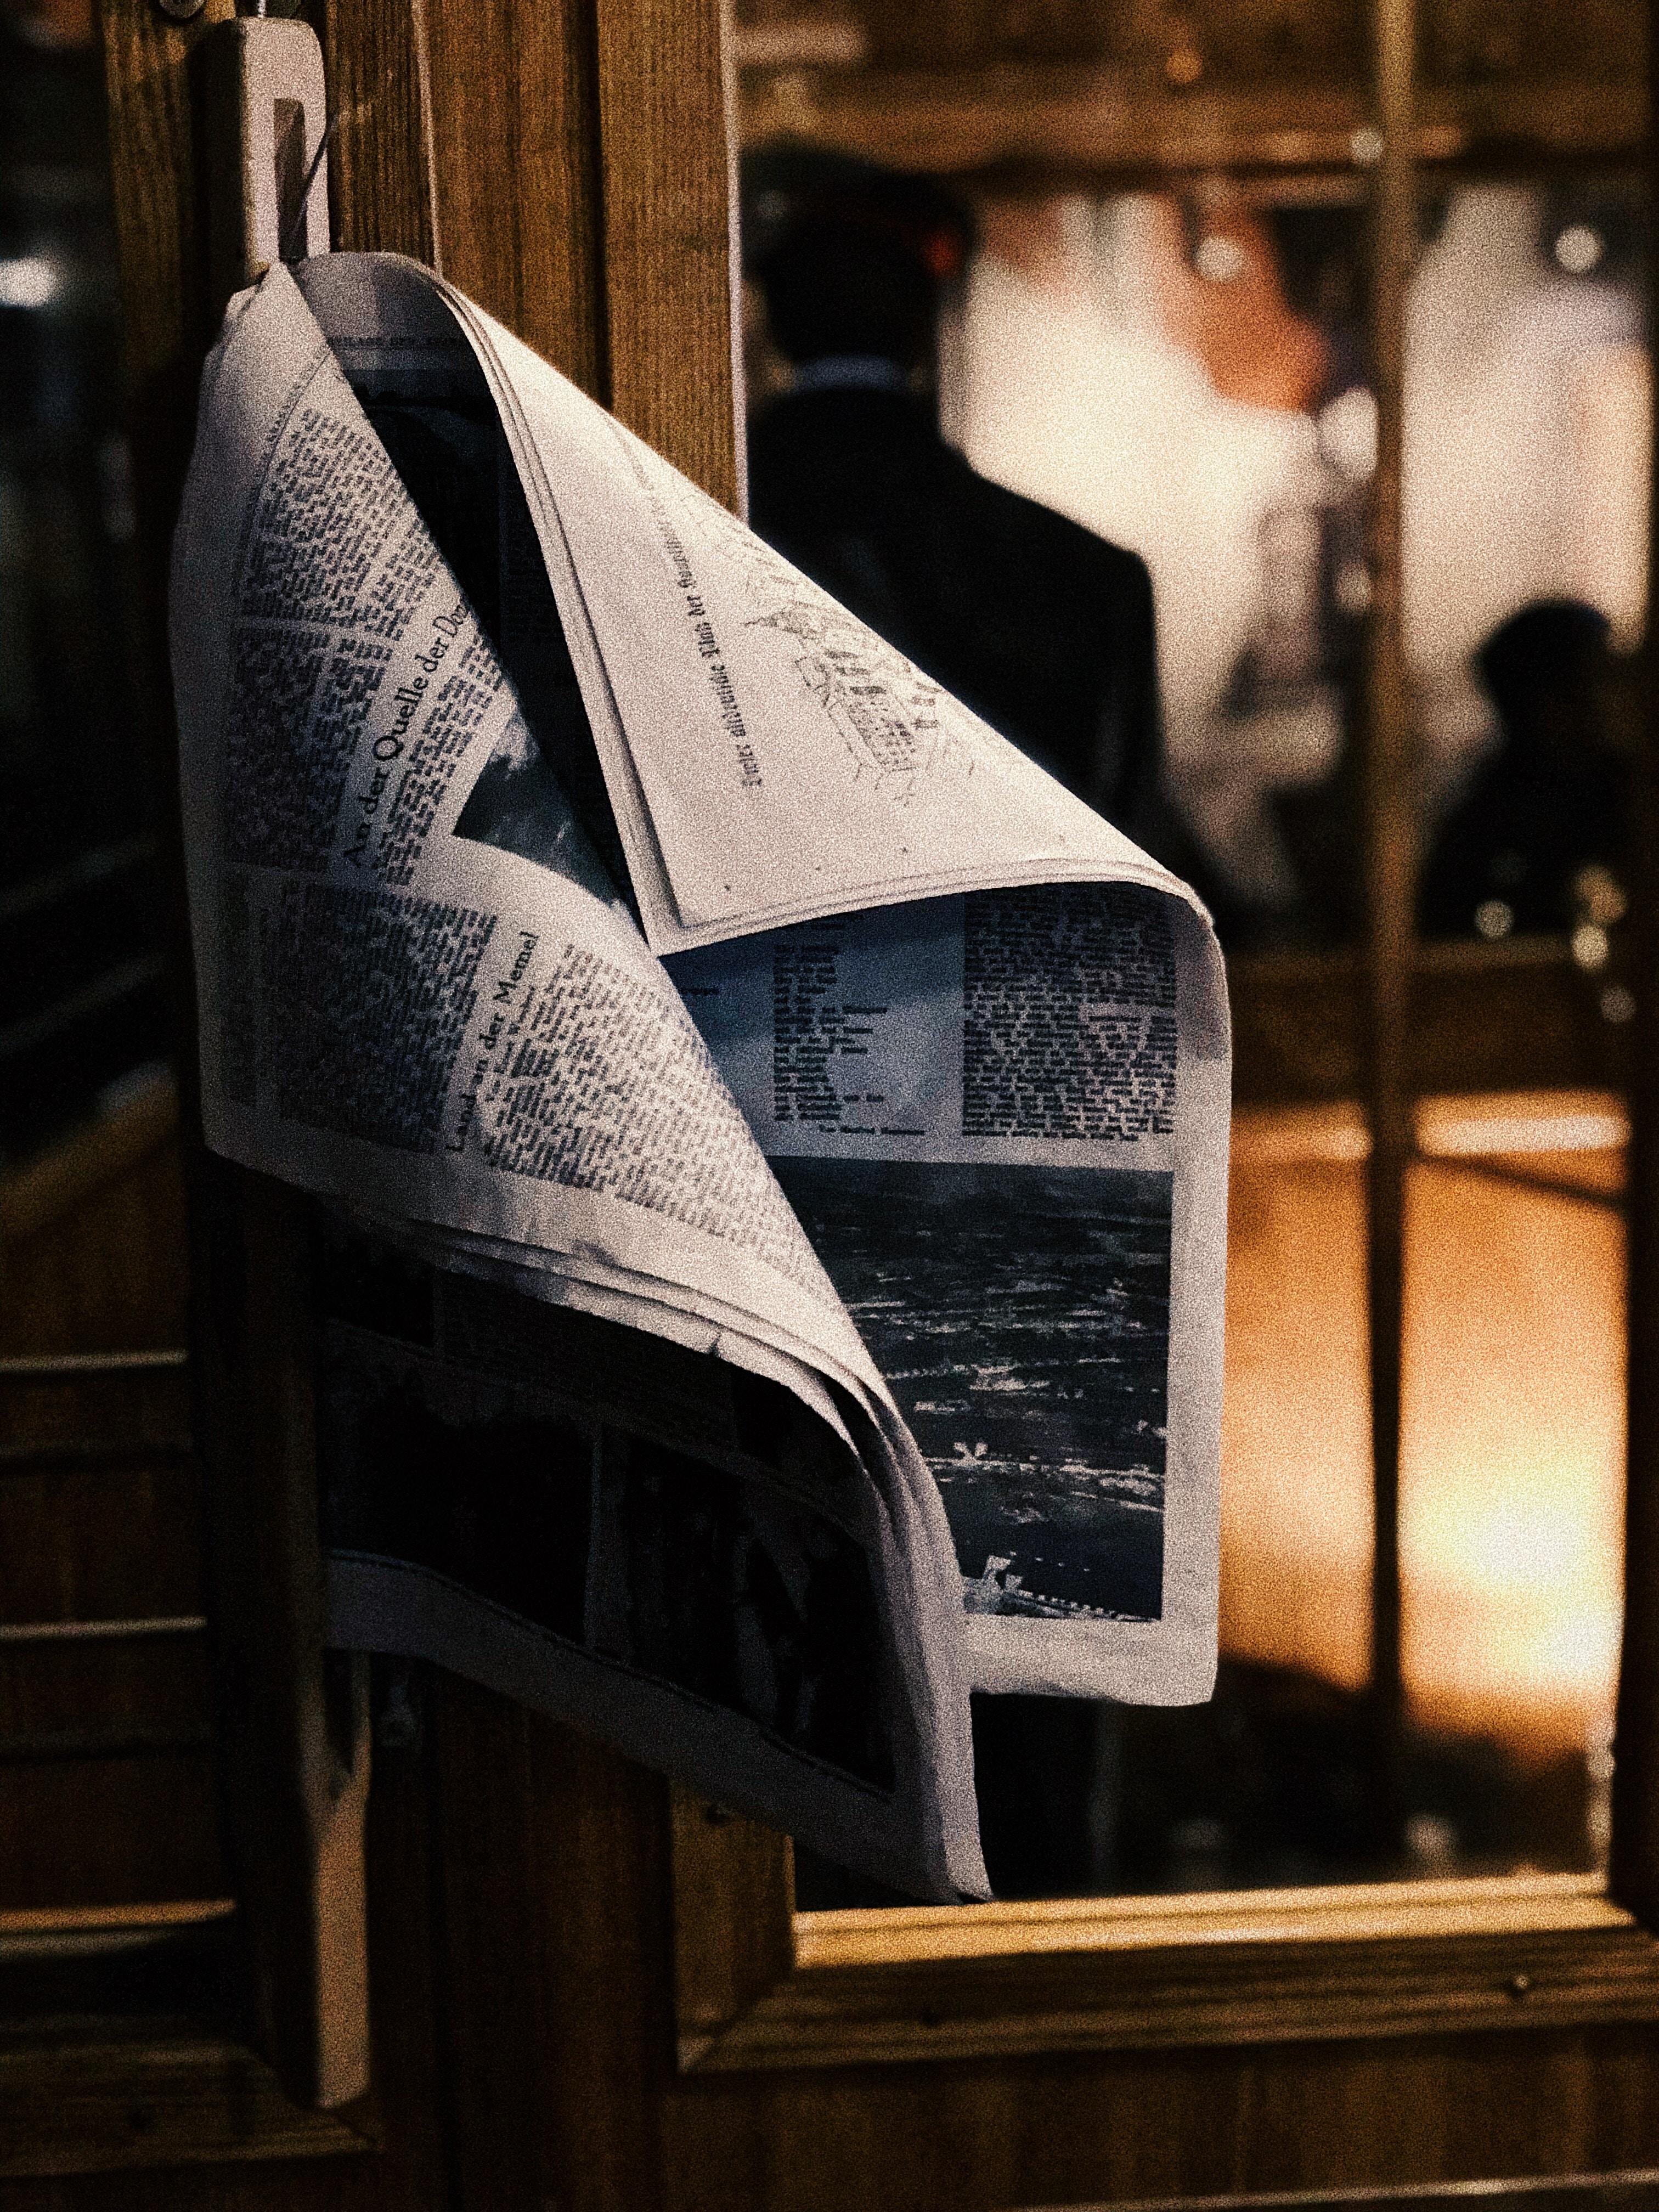 newspaper on door